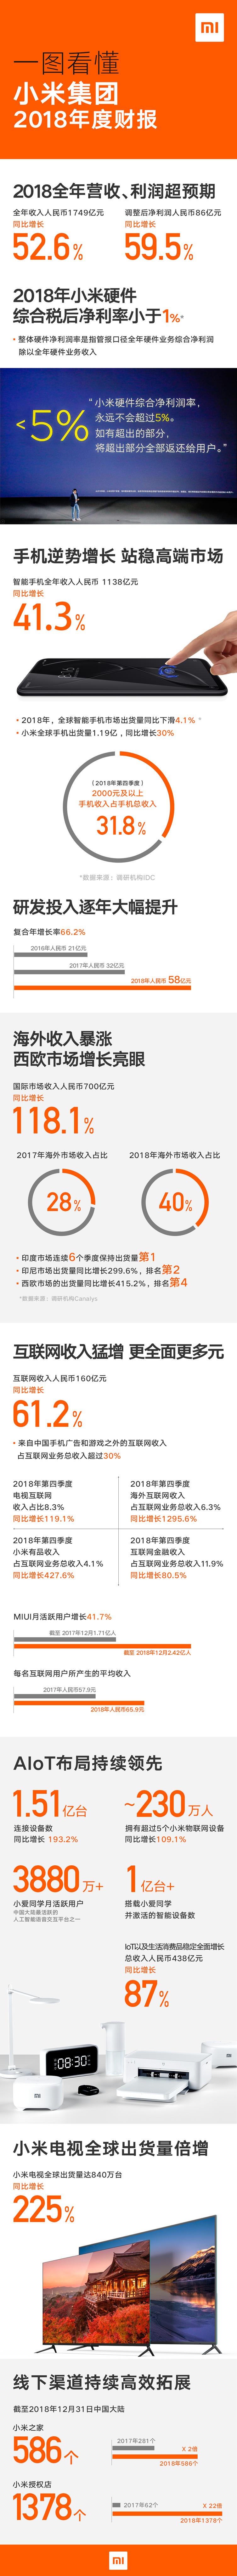 小米集团2018年报超预期:营收1749亿同比增52.6%、净利86亿同比增59.5%